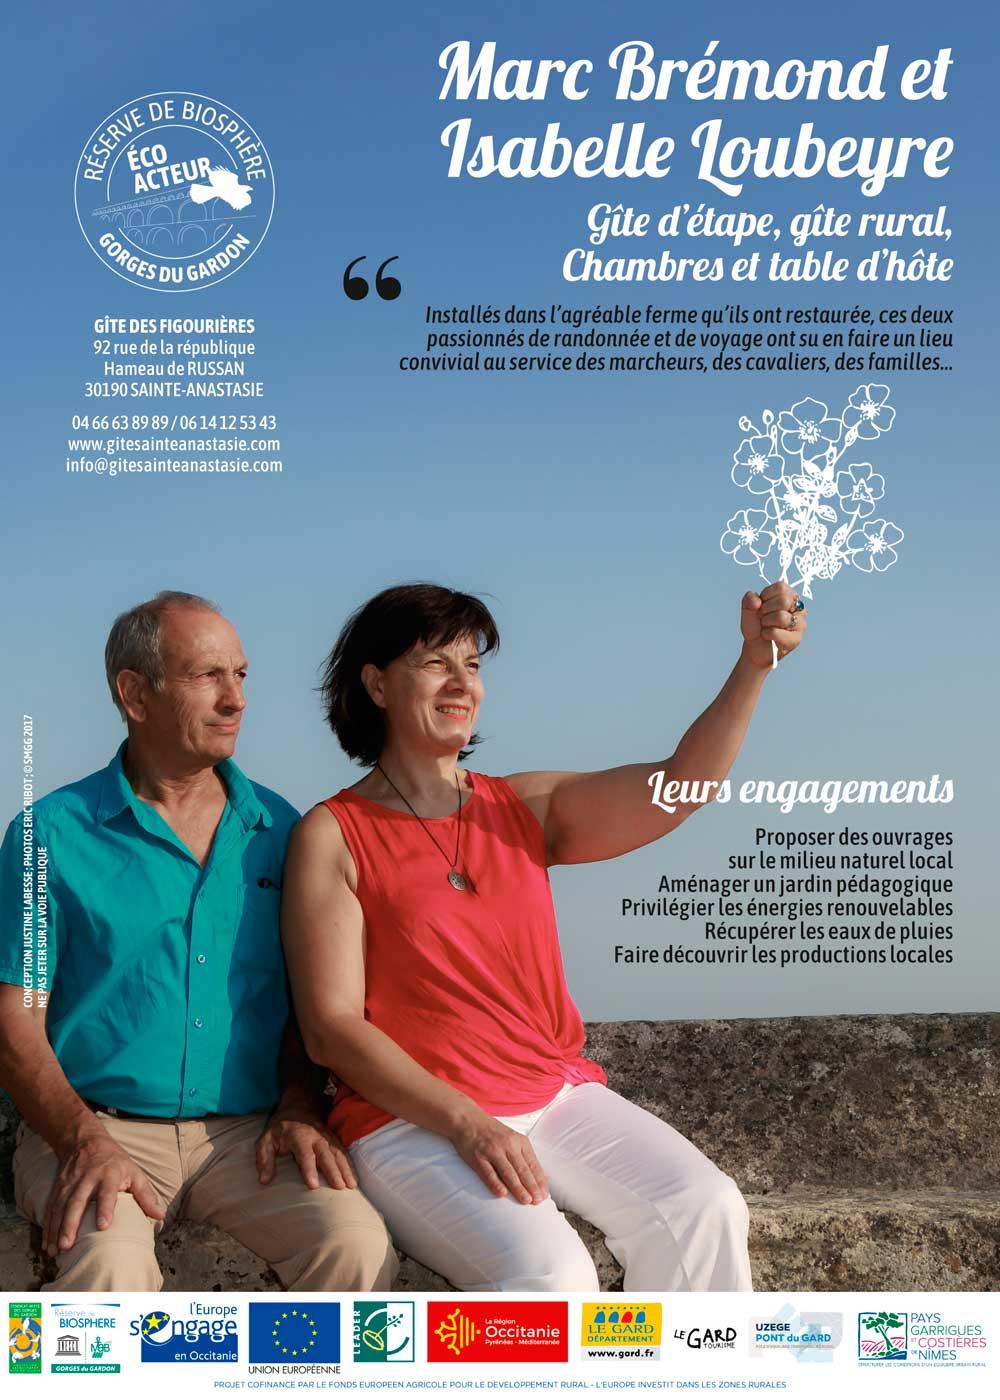 Flyer FR Marc Bremond et Isabelle Loubeyre